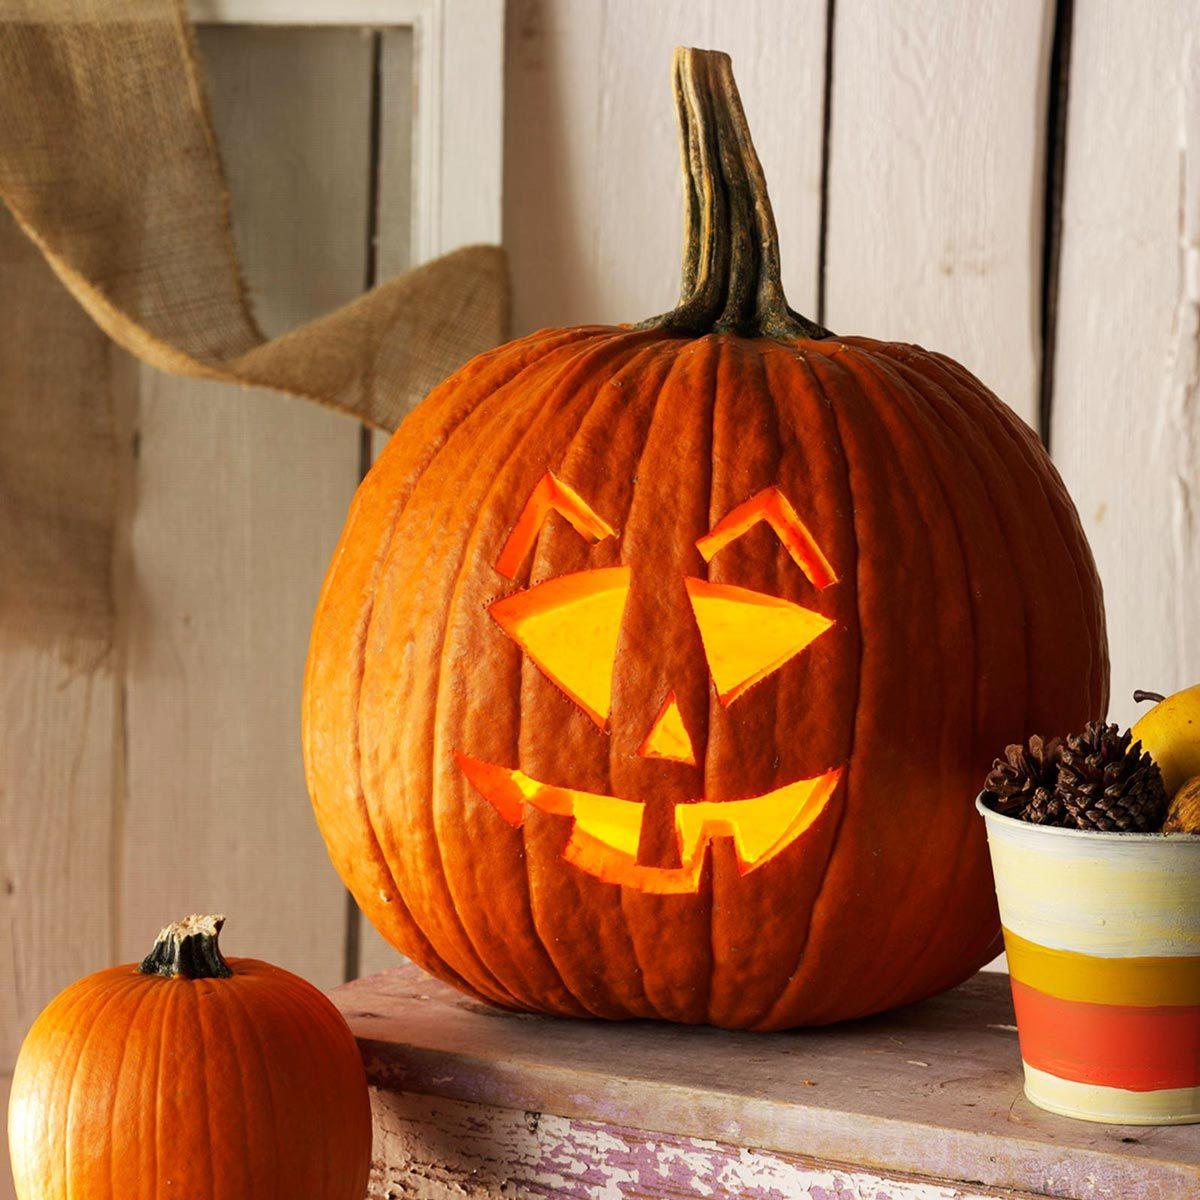 jack o'lantern halloween pumpkin eyebrows